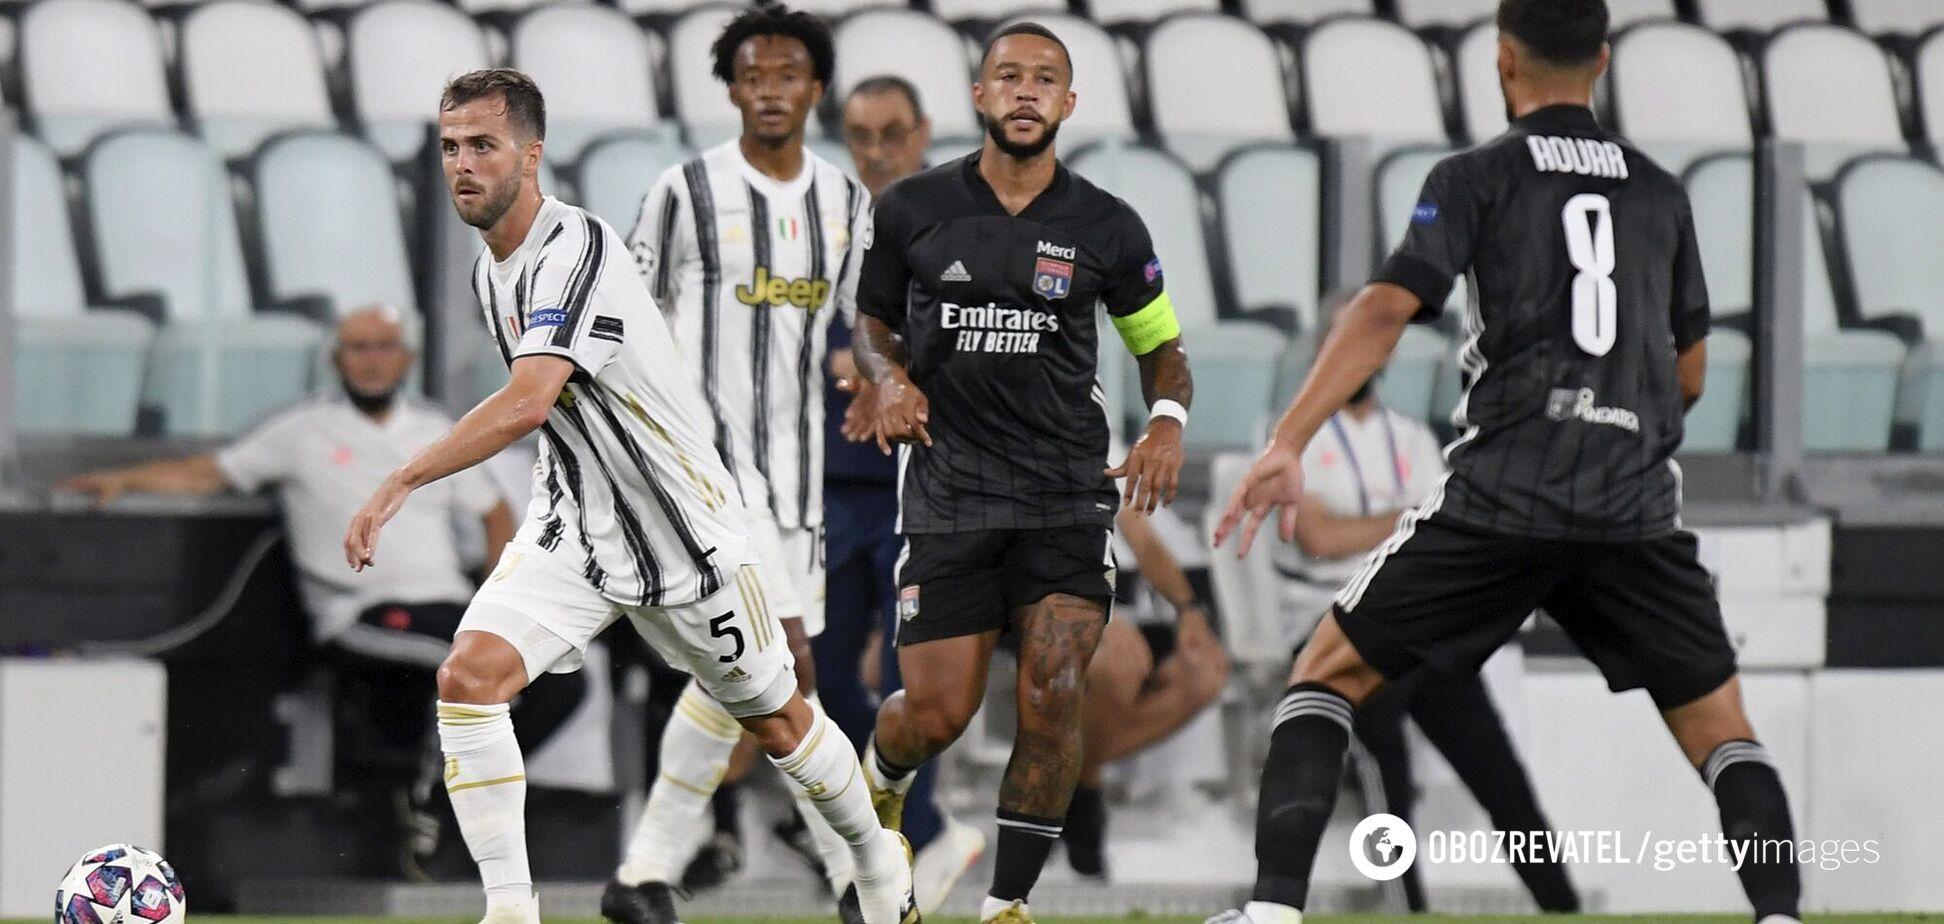 Футболіст 'Ліона' показав, що творилося в роздягальні після перемоги над 'Ювентусом'